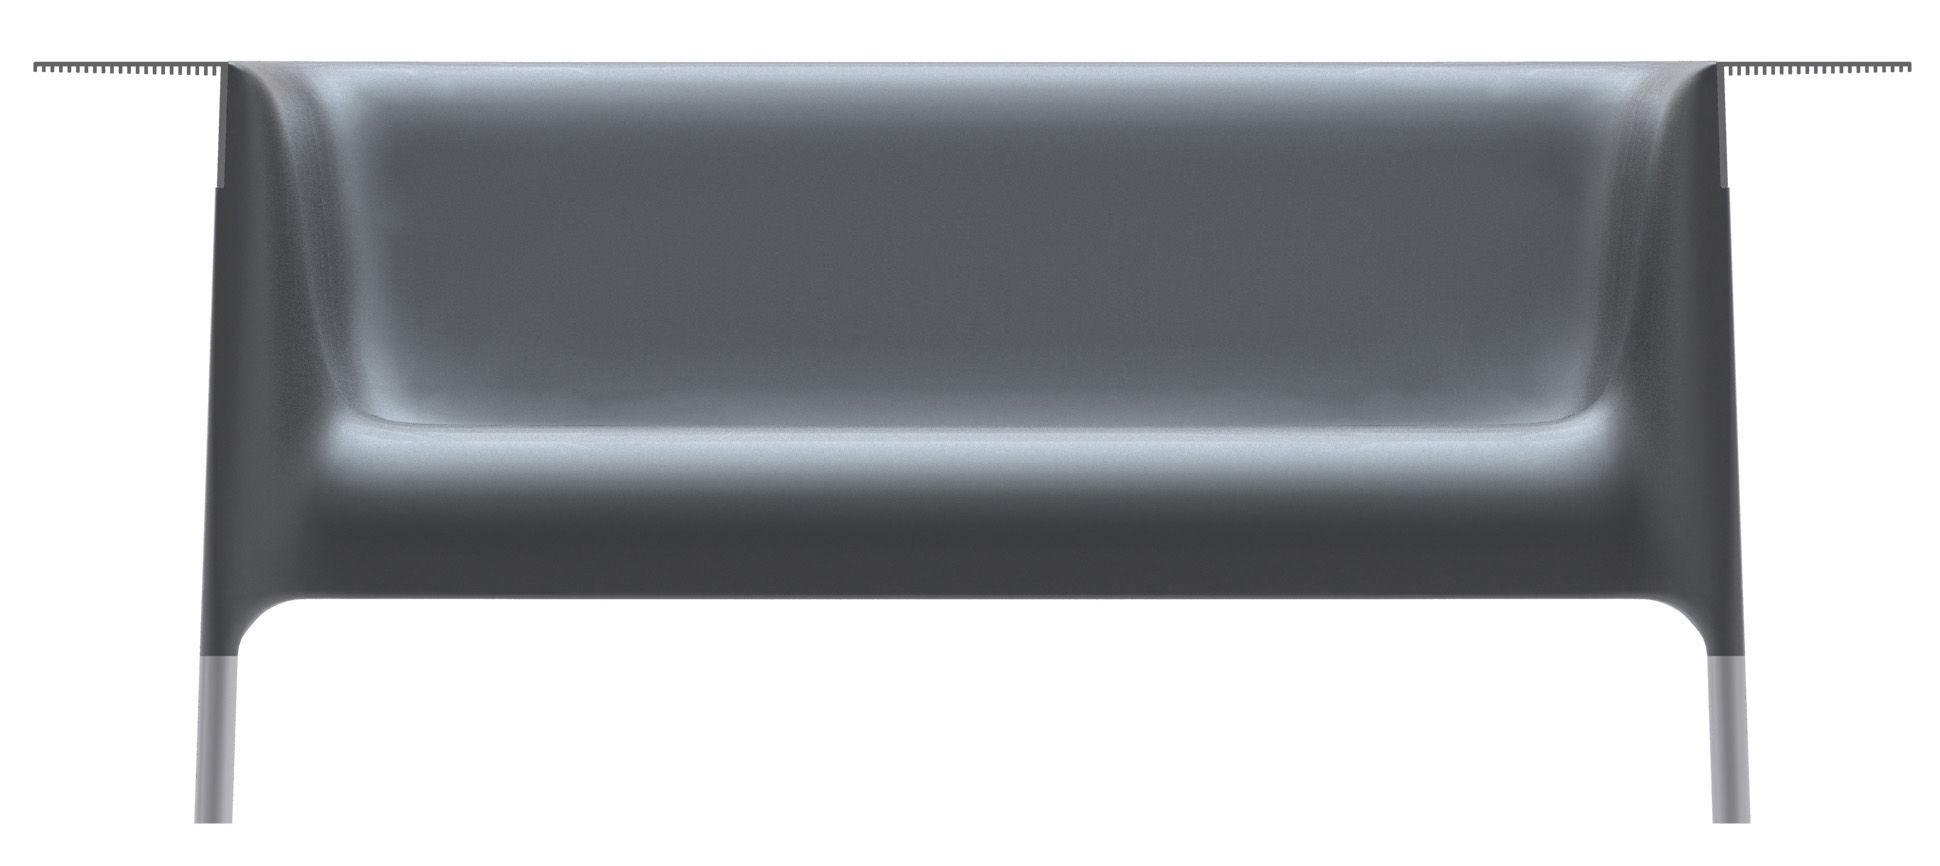 Outdoor - Poltrone e Divani - Sofà Out-In di Driade - Nero antracite - Alluminio anodizzato, Polietilene